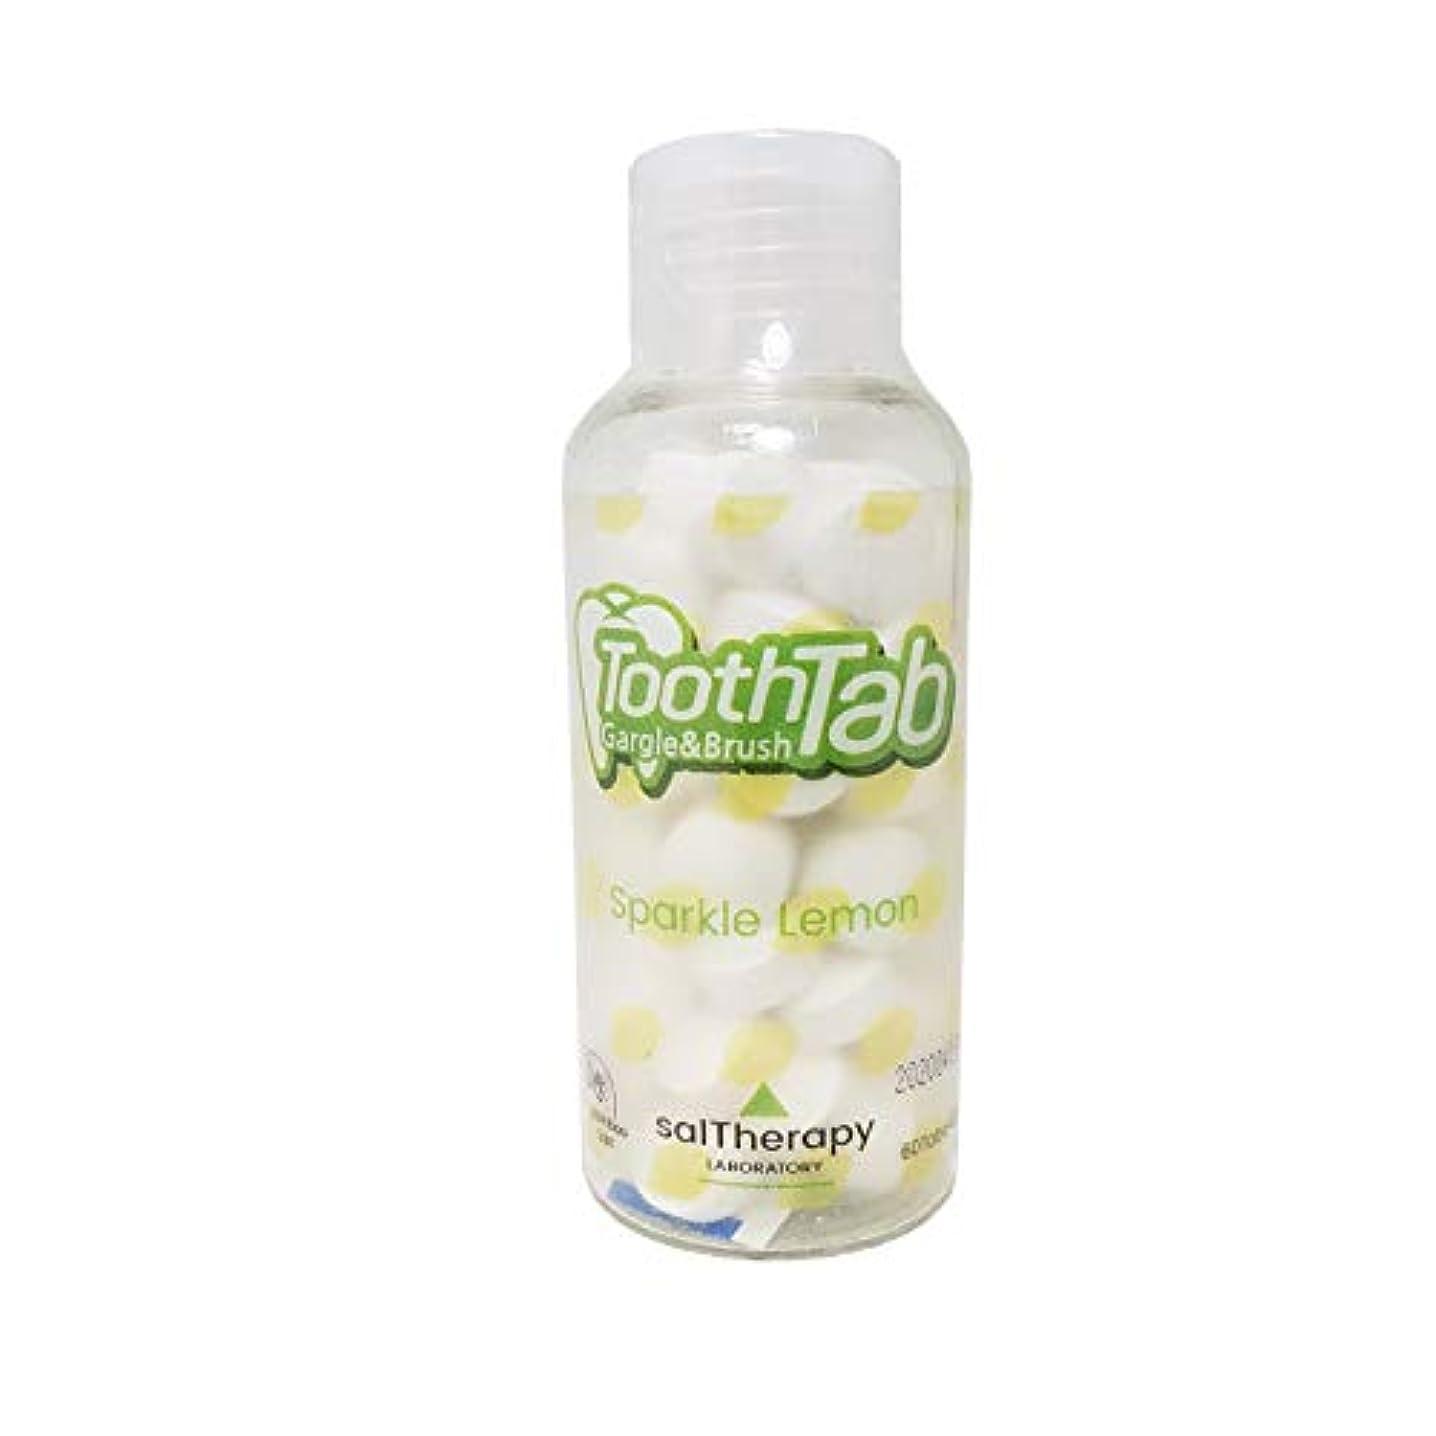 消える湿気の多い統治可能SalTherapy 歯磨き粉 固体タブレット 60個入 (Sparkle Lemon)